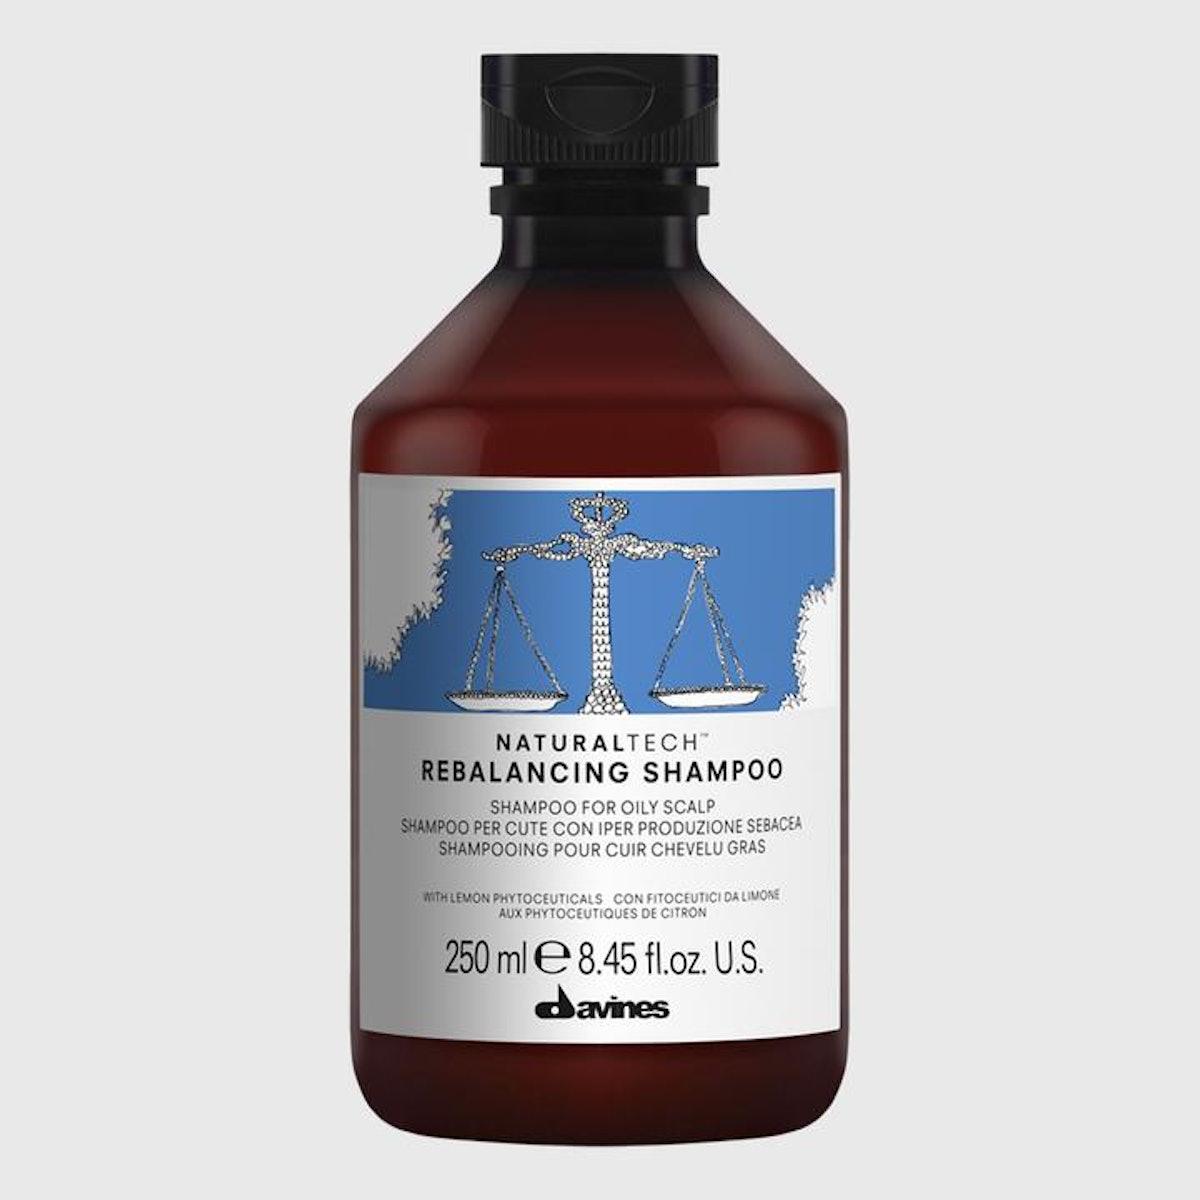 Davines Natural Tech Rebalancing Shampoo